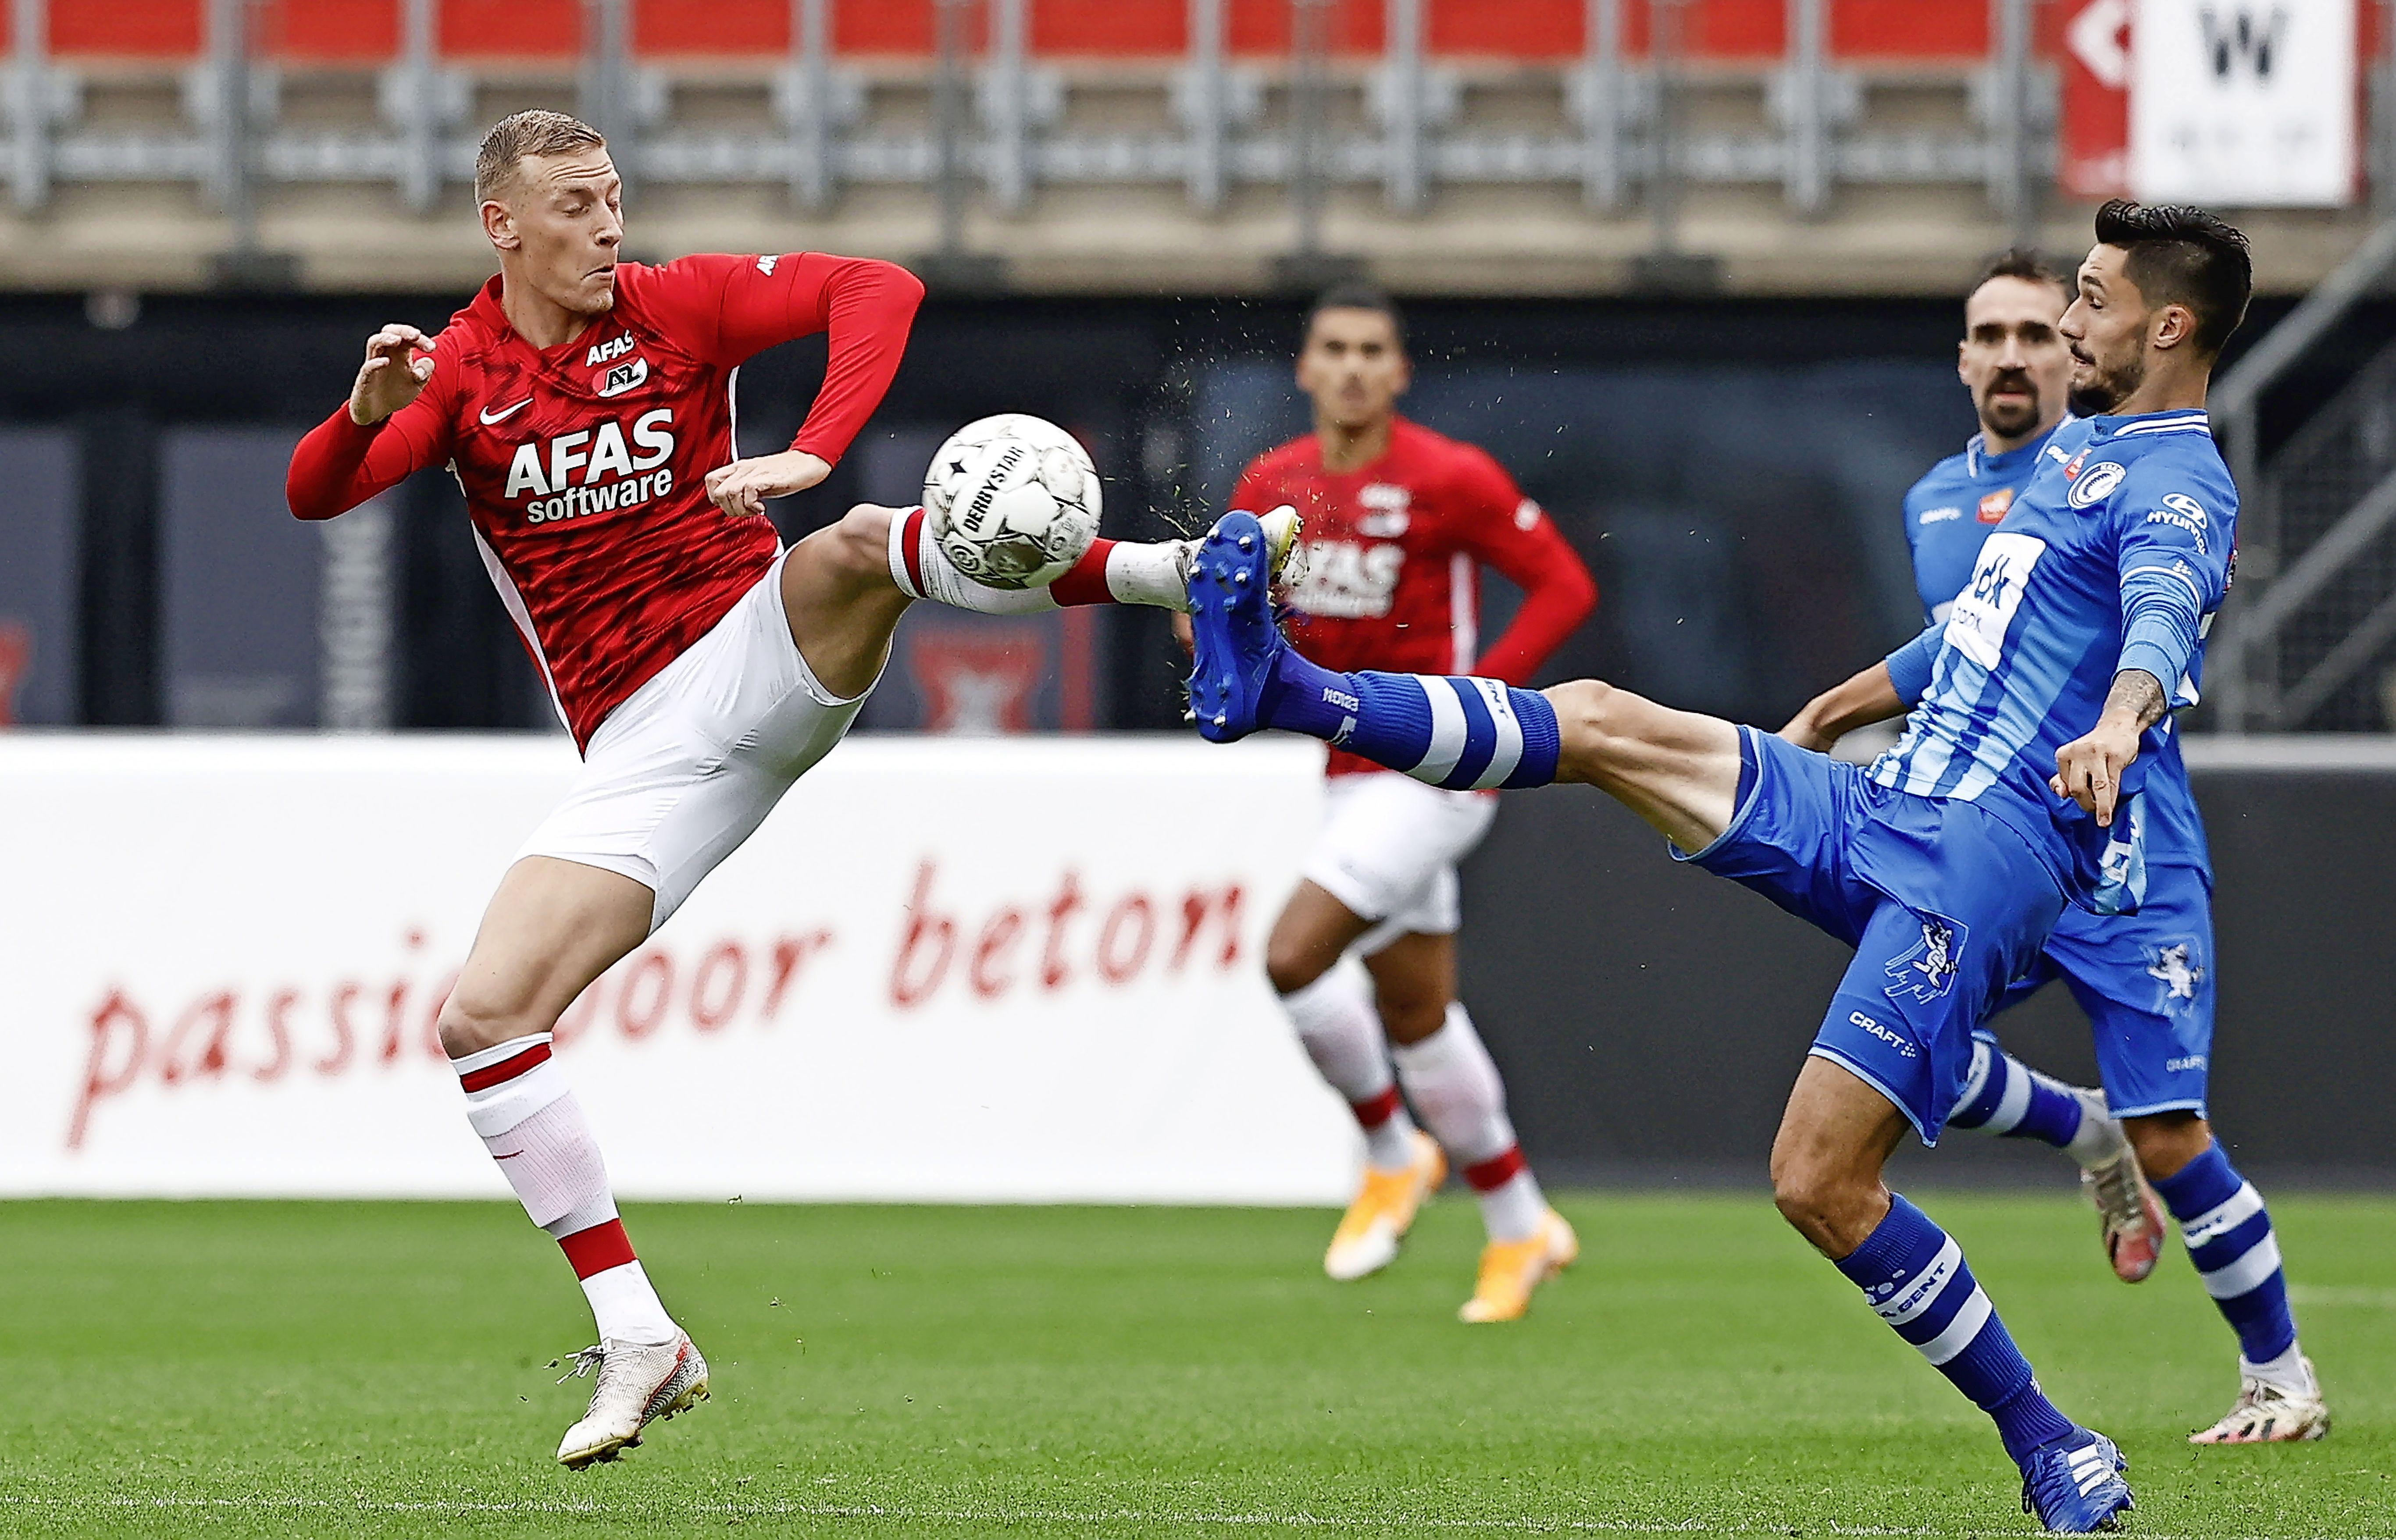 Opmerkelijke carrière van AZ-verdediger Kramer gaat verder in Deventer. 'Dit is voor alle drie een mooie stap'